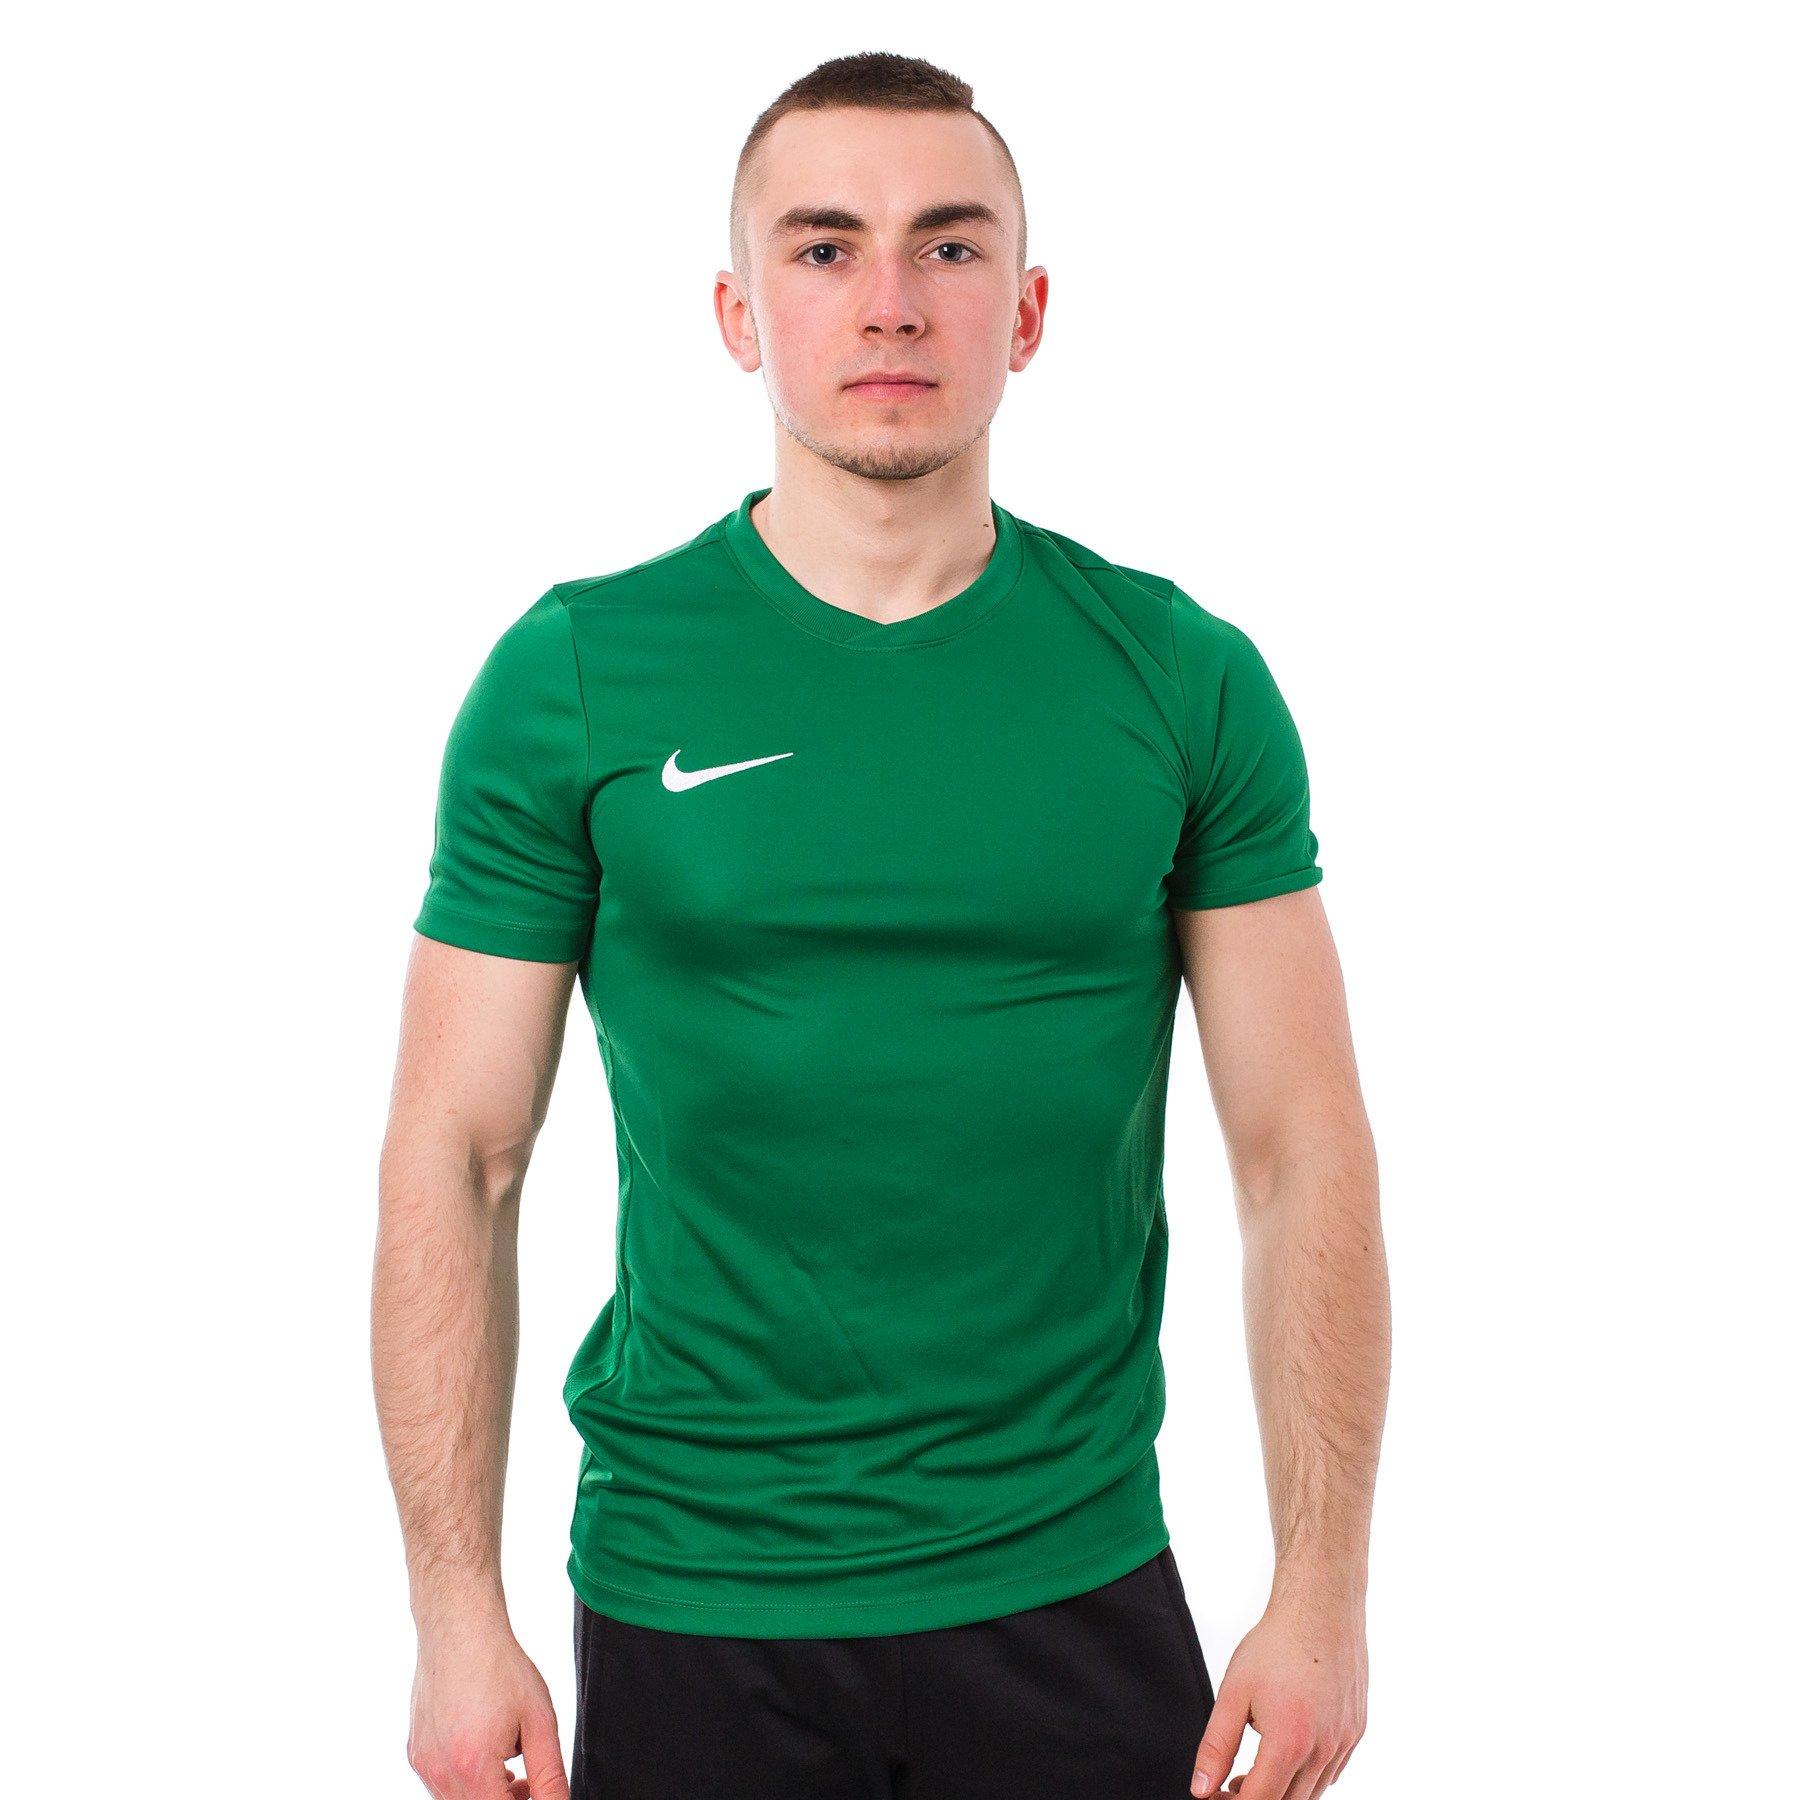 4498aaccc4b505 Męska koszulka NIKE z krótkim rękawem, zielona - PARK VII 725891-302 ...